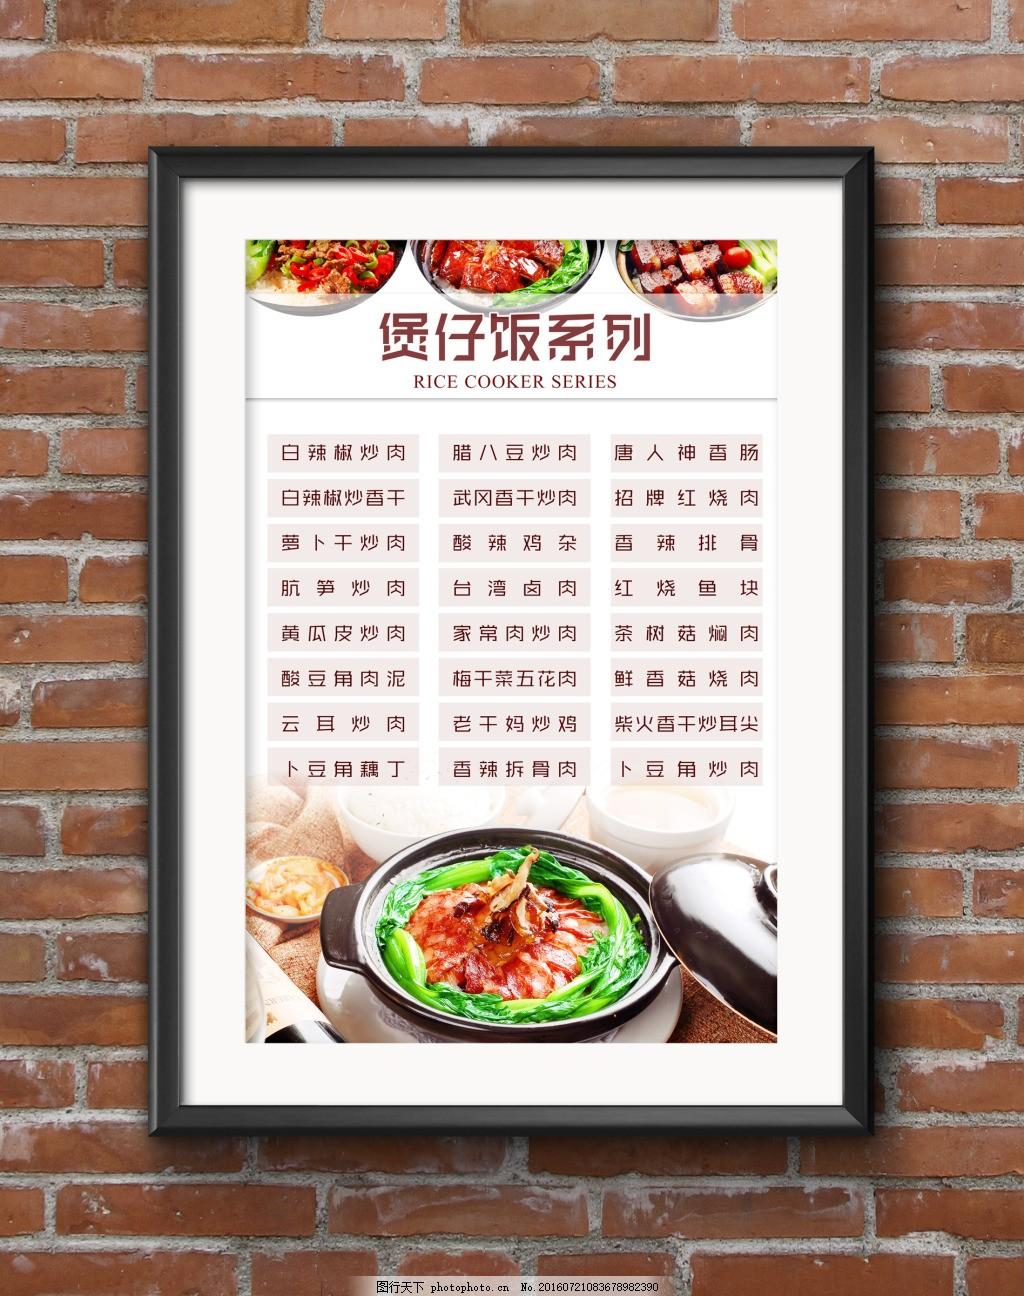 食物 中式食物 创意排版饭店 灯箱片 相框        菜单展板 简洁清新